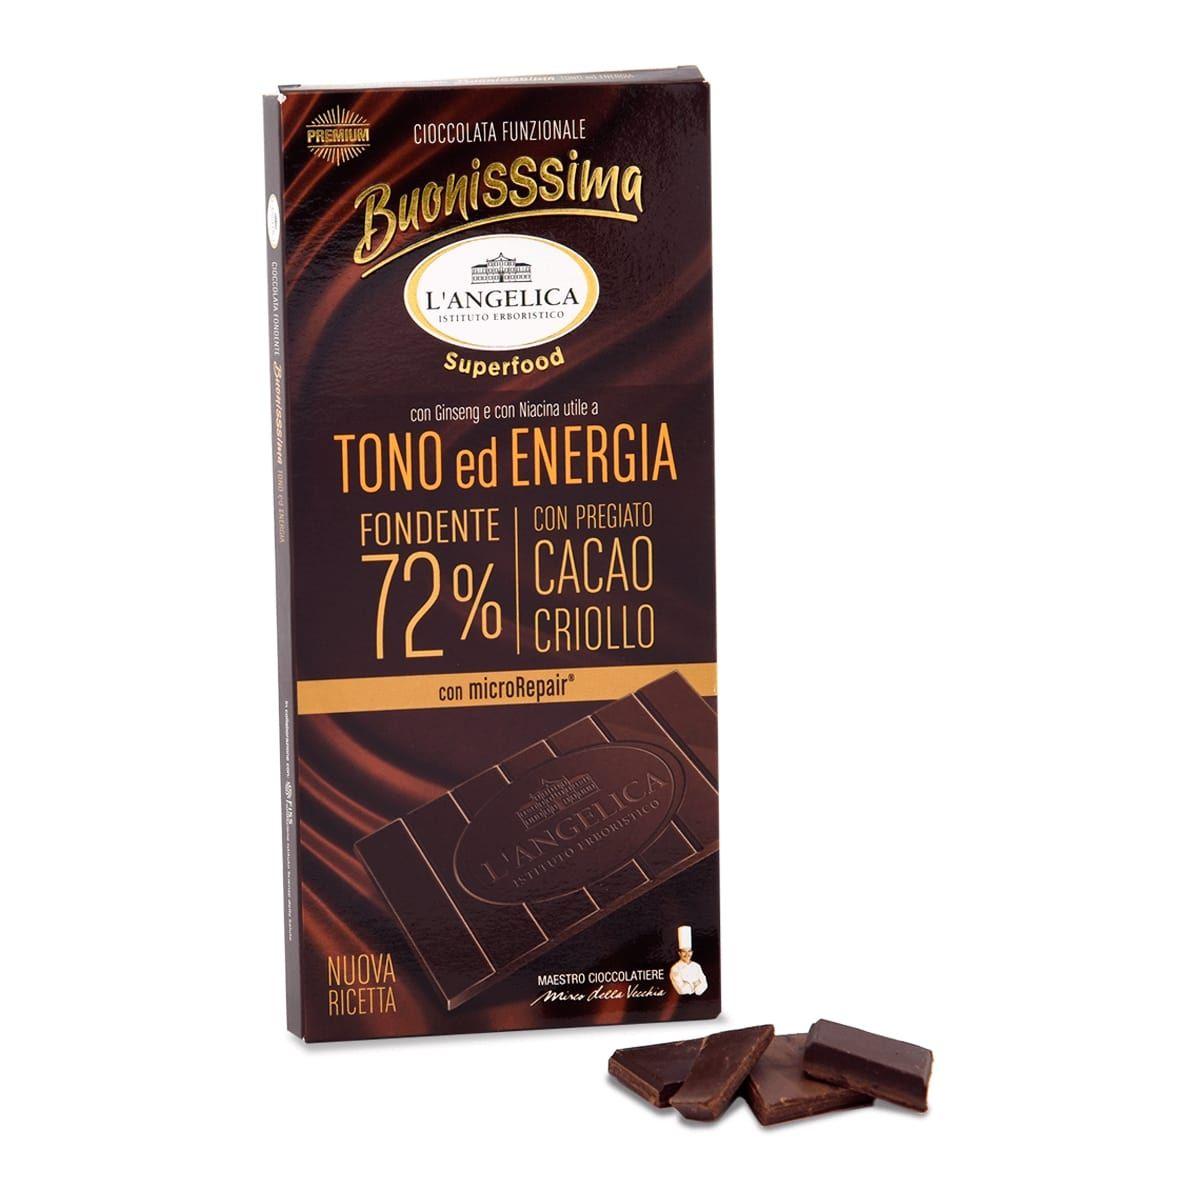 BuonisSsima Tono ed Energia - Tavoletta di Cioccolato